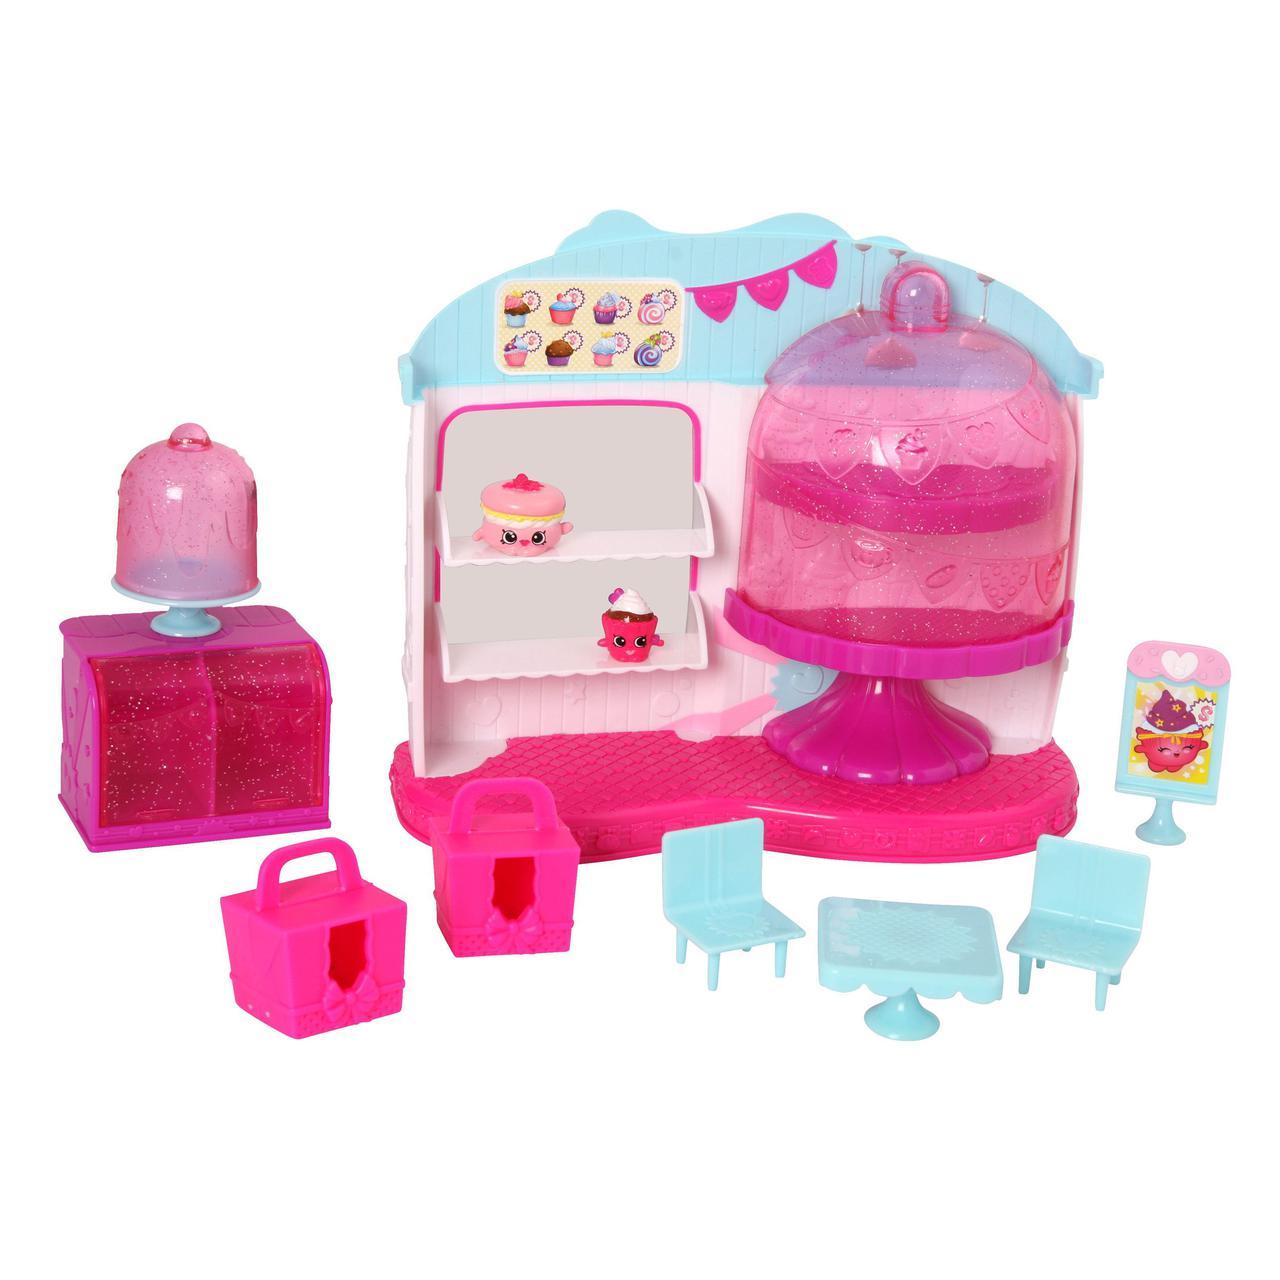 П, Игровой набор Shopkins S4 - Королевское капкейк-кафе